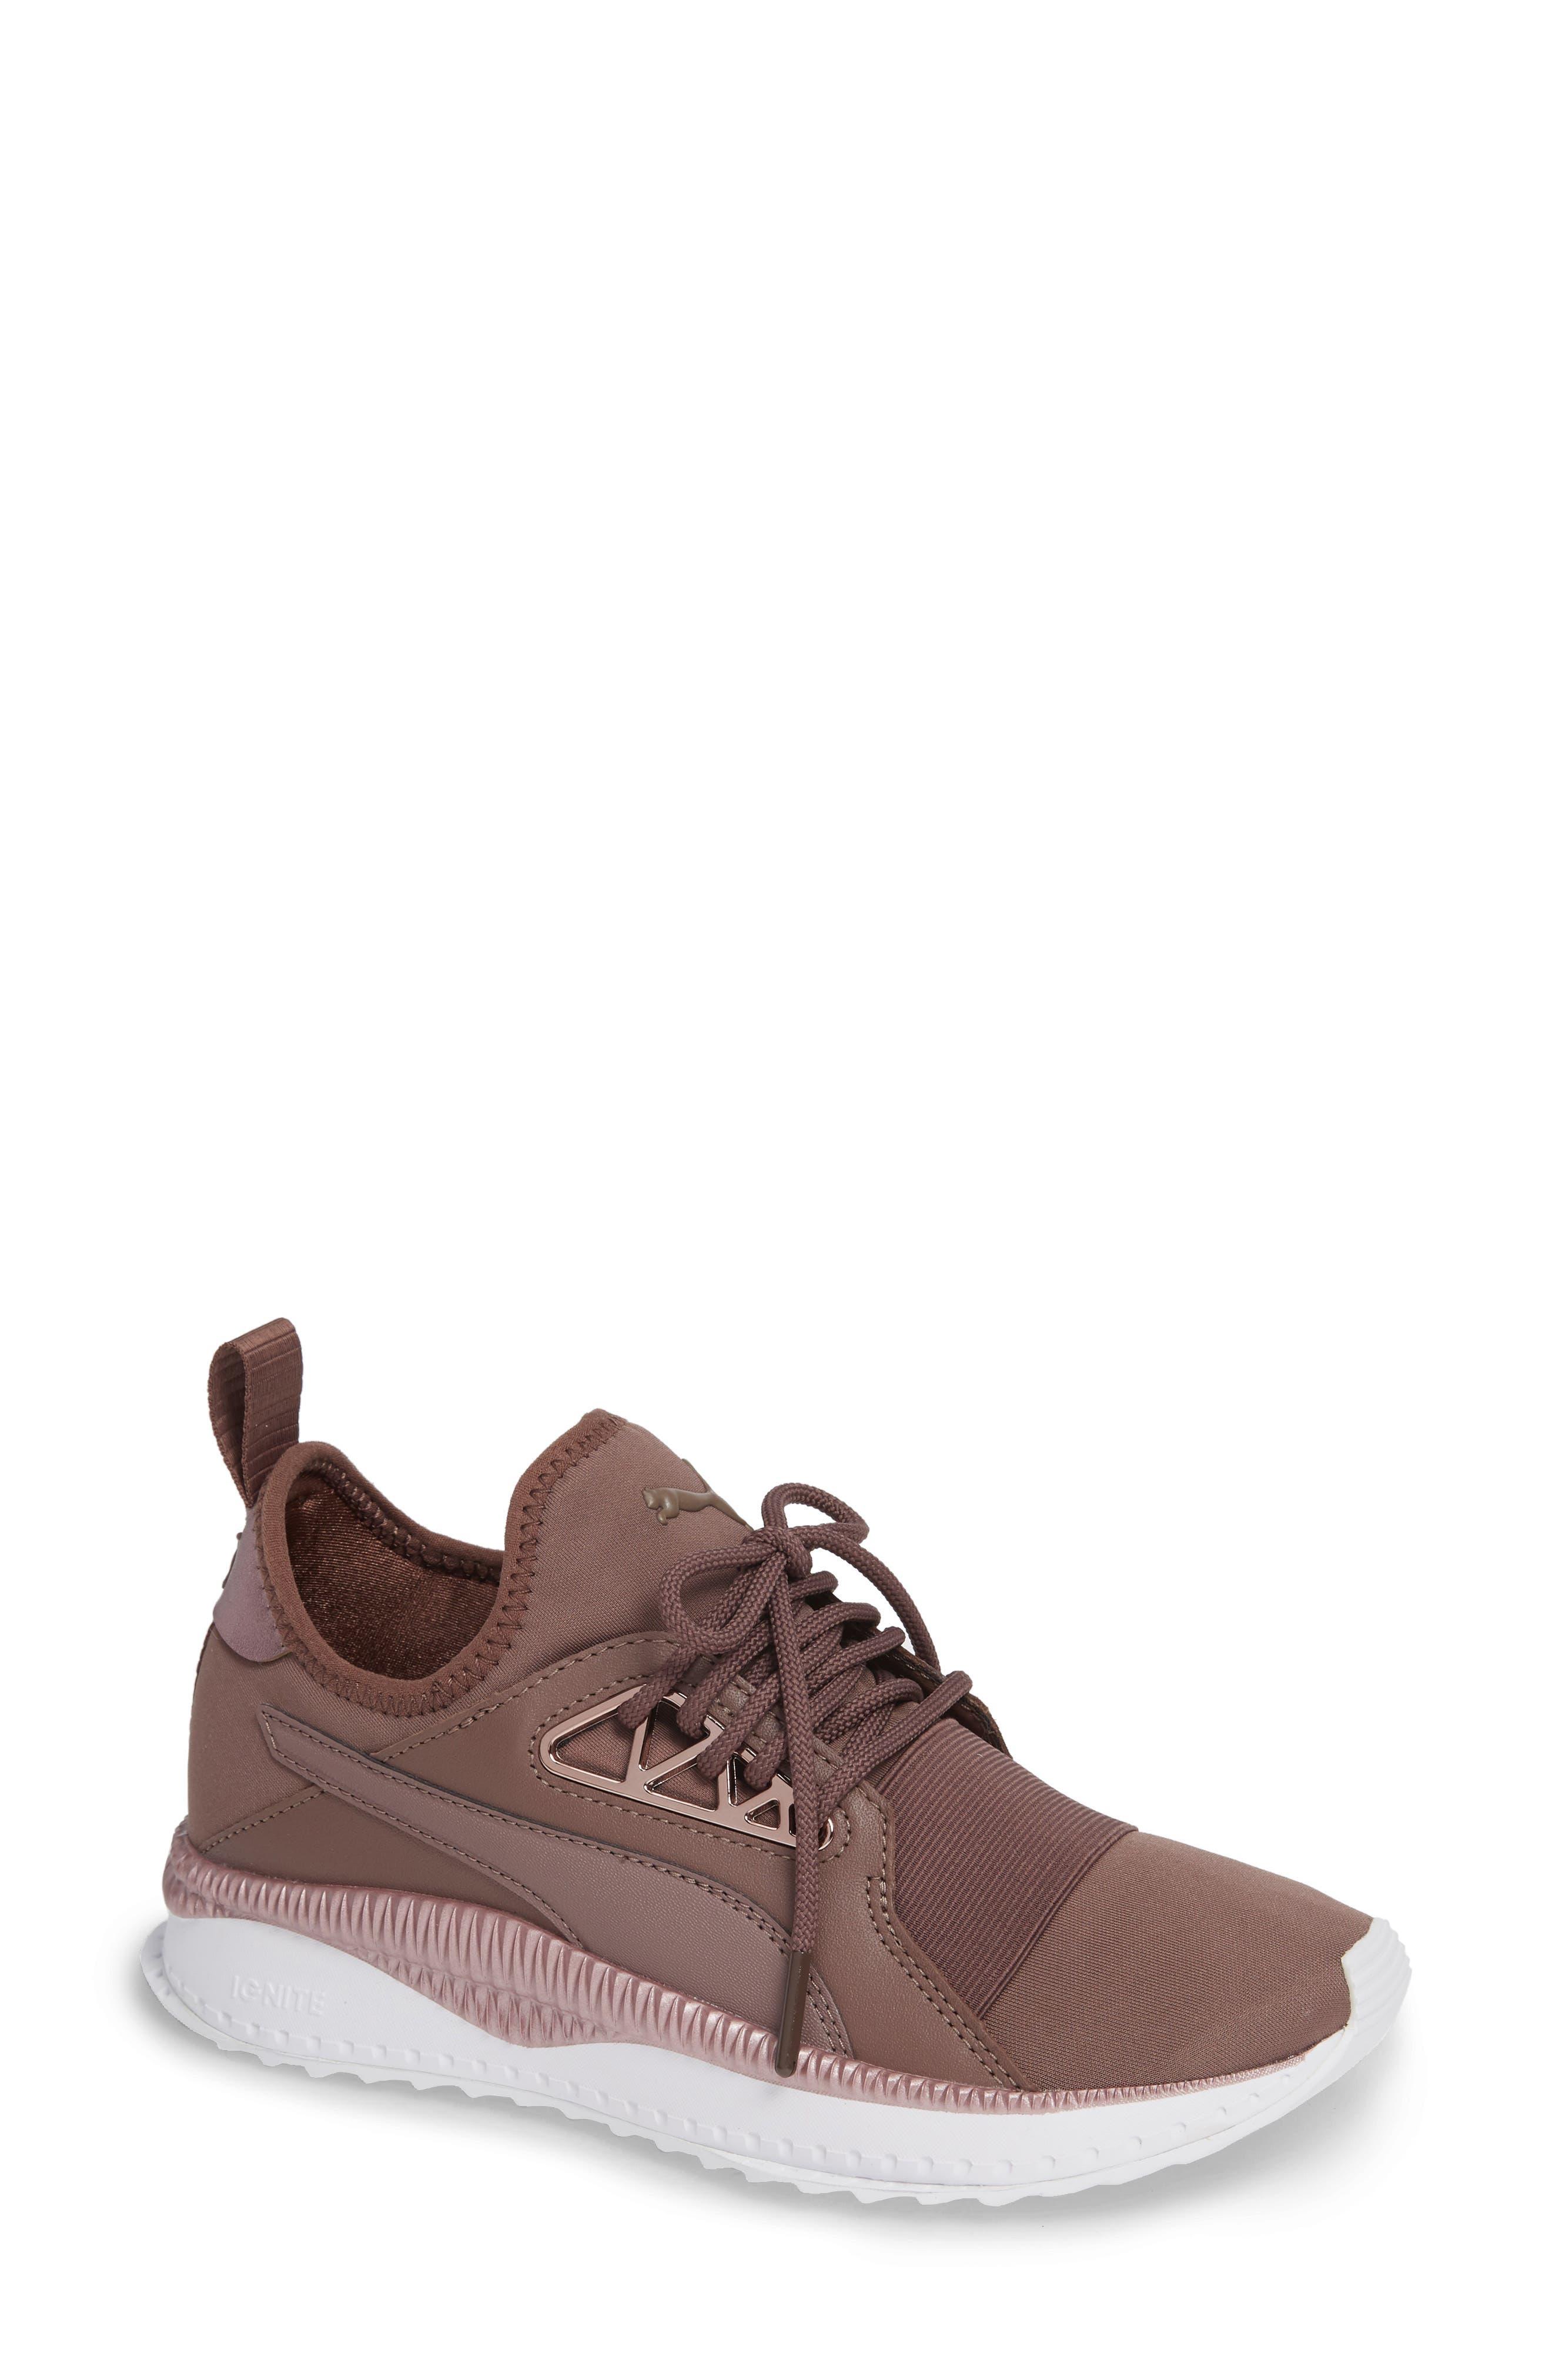 PUMA TSUGI Apex Jewel Sneaker, Main, color, PEPPERCORN/ PEPPERCORN